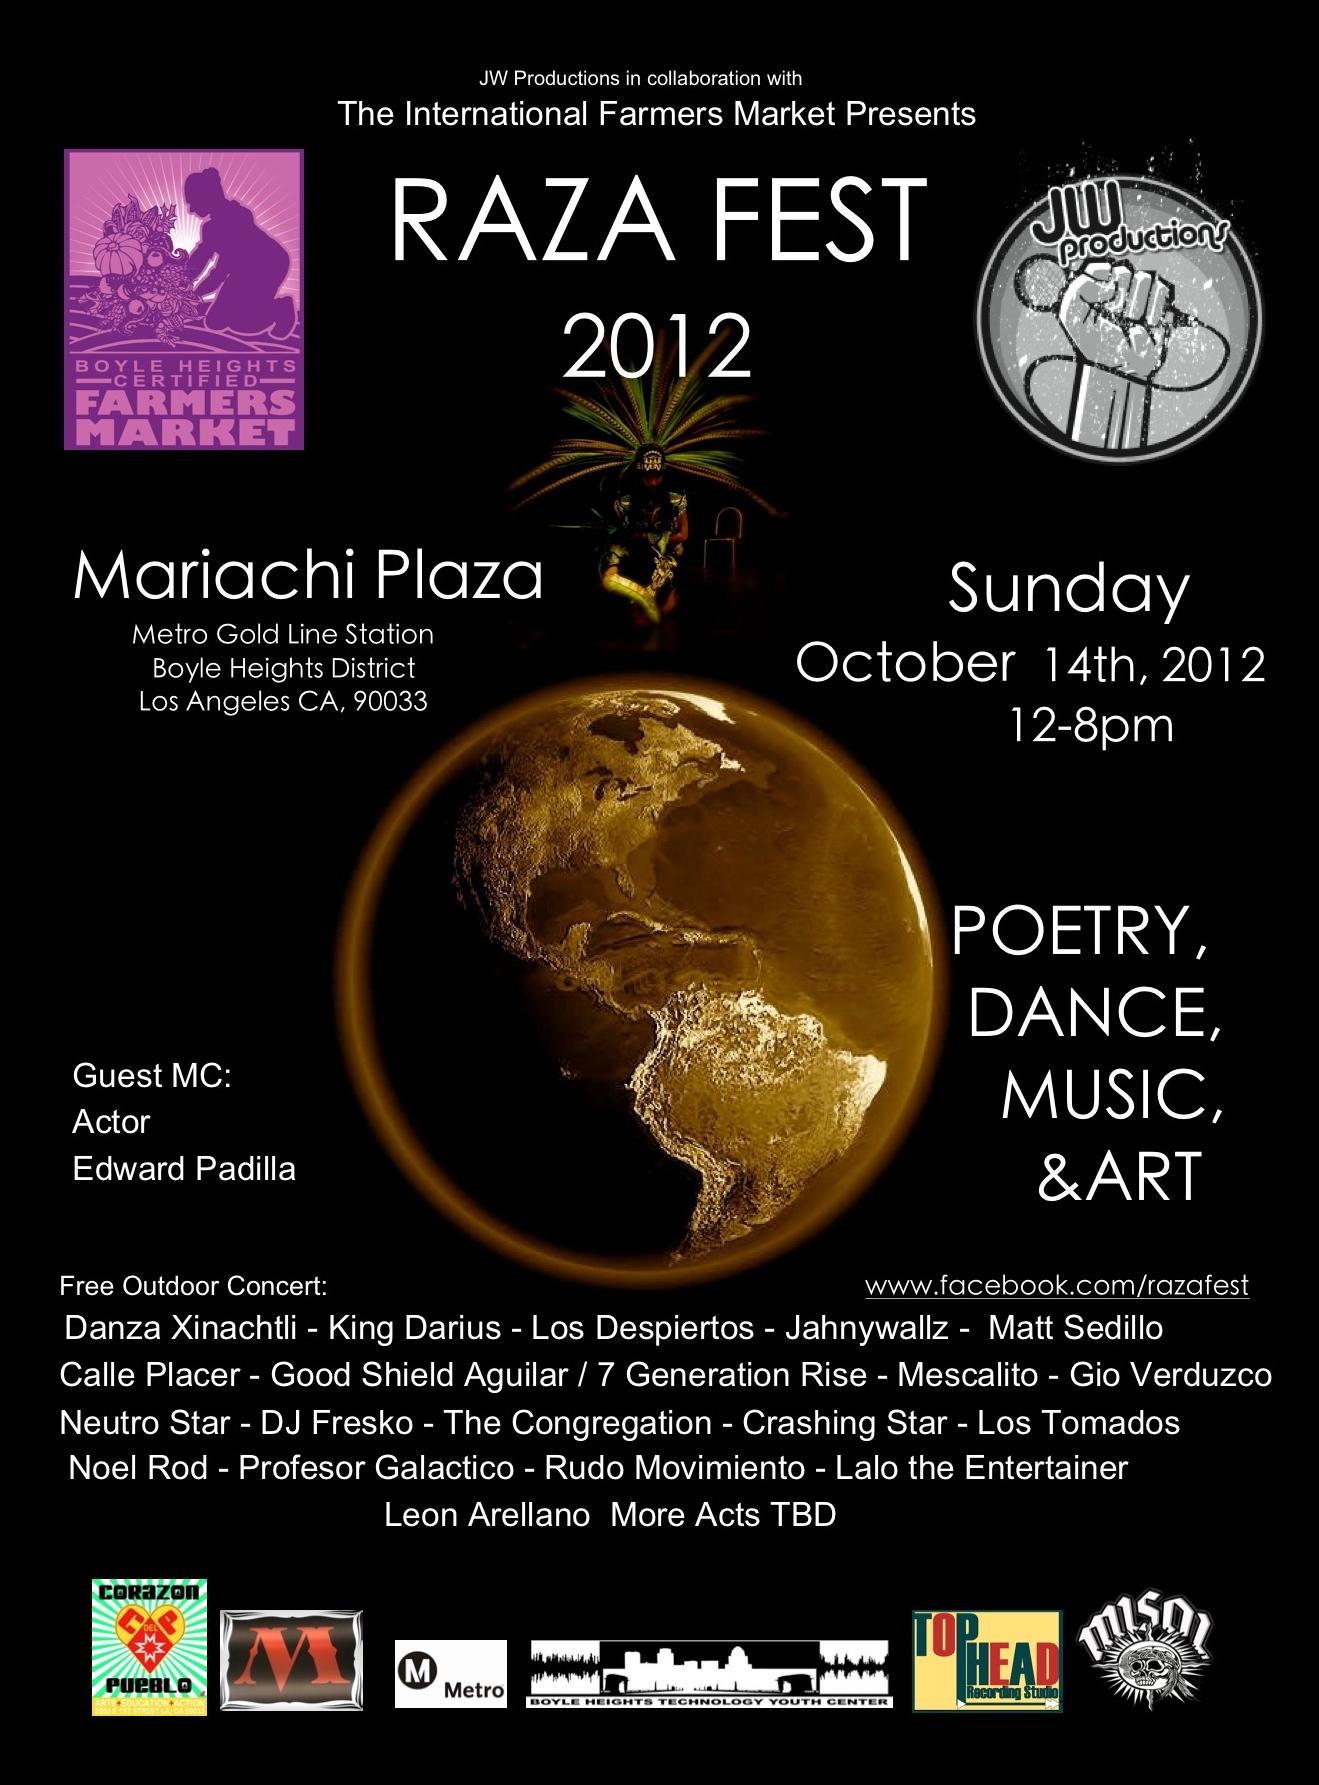 Raza Fest 2012